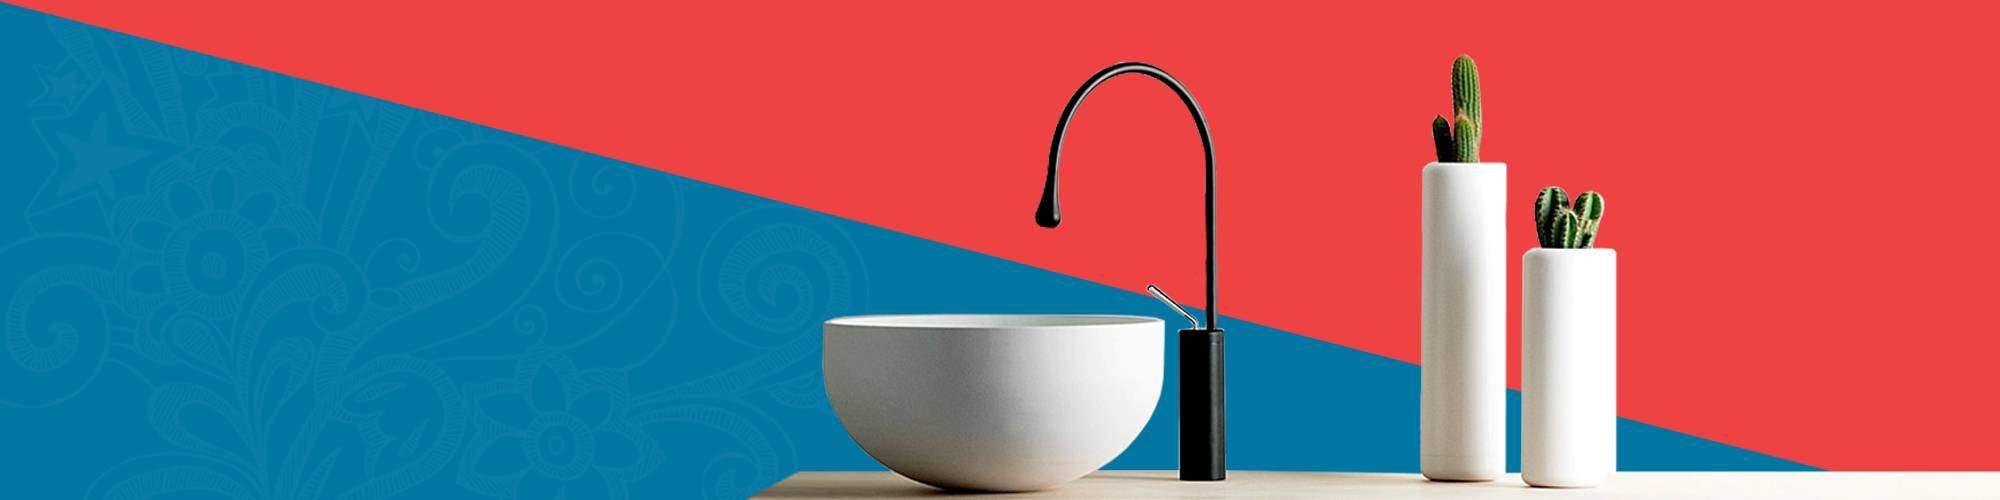 Universo Ceramiche - Pavimenti - Rivestimenti - Sanitari - Rubinetterie - Arredo bagno. I marchi più prestigiosi ai prezzi più vantaggiosi.